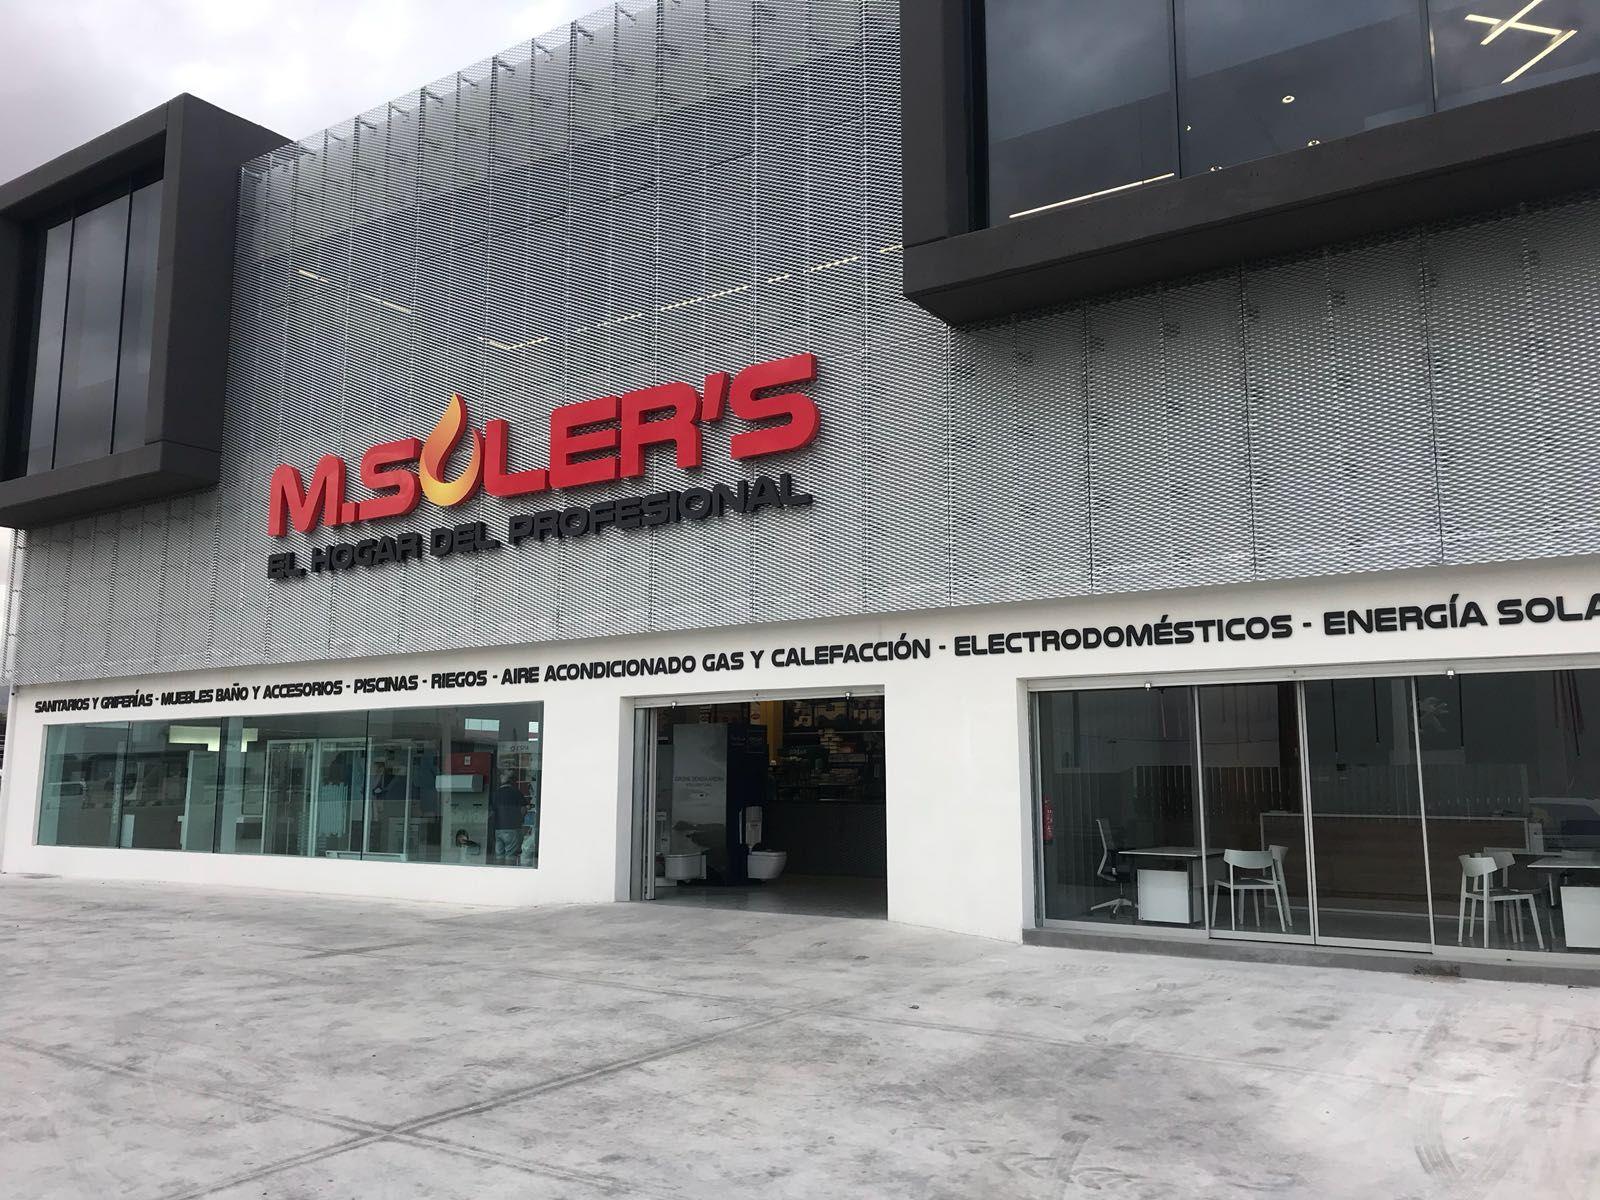 Foto de Nuevas instalaciones de M.SOLER´S en la carretera de